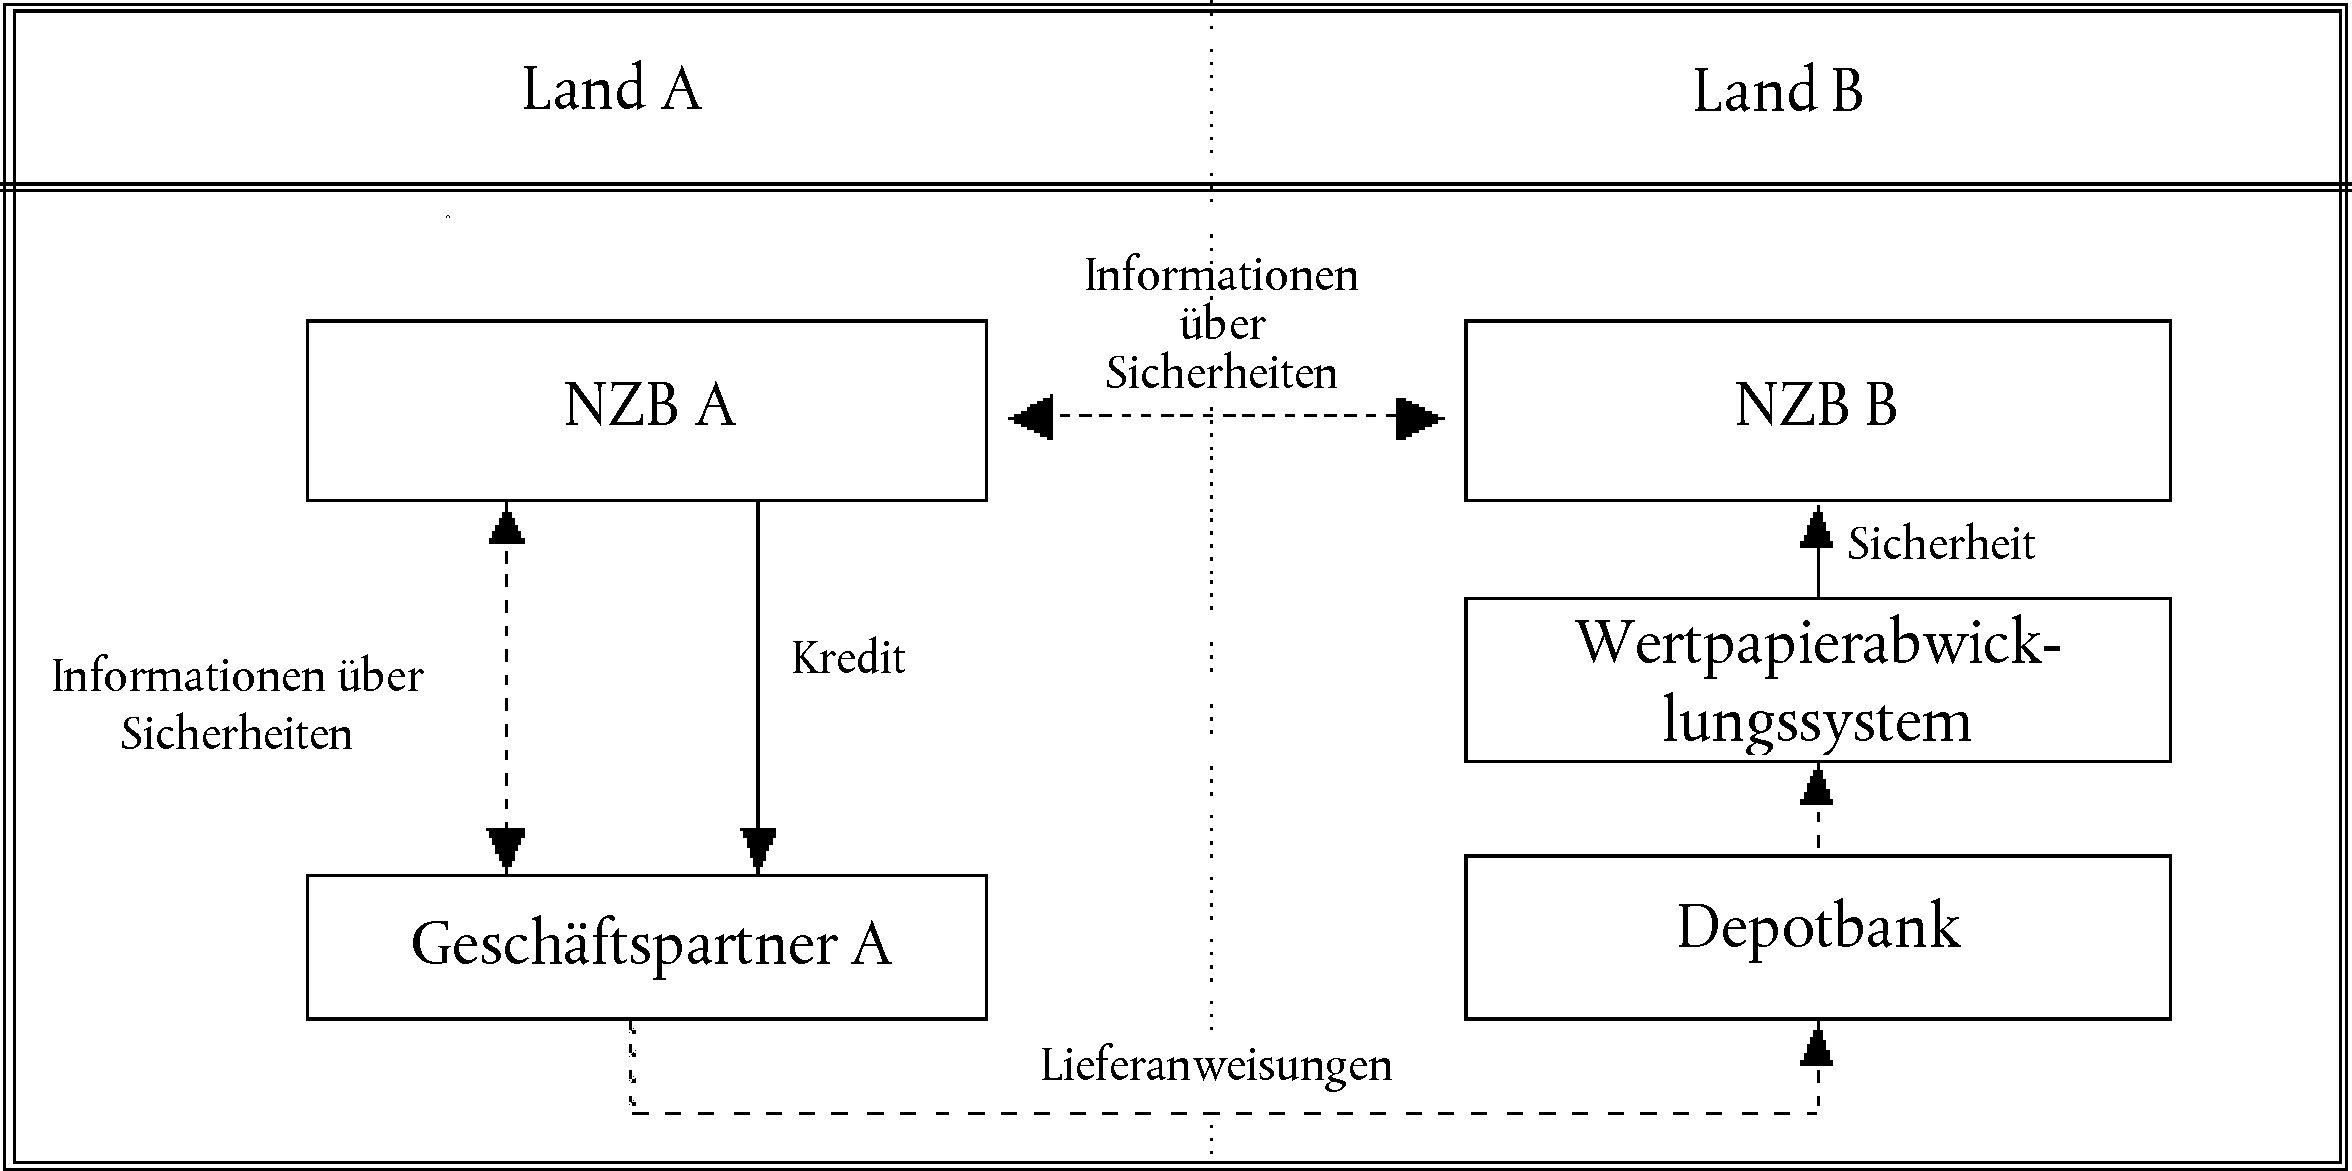 Großartig Wiederaufnahme Der Depotbank Zeitgenössisch - Entry Level ...